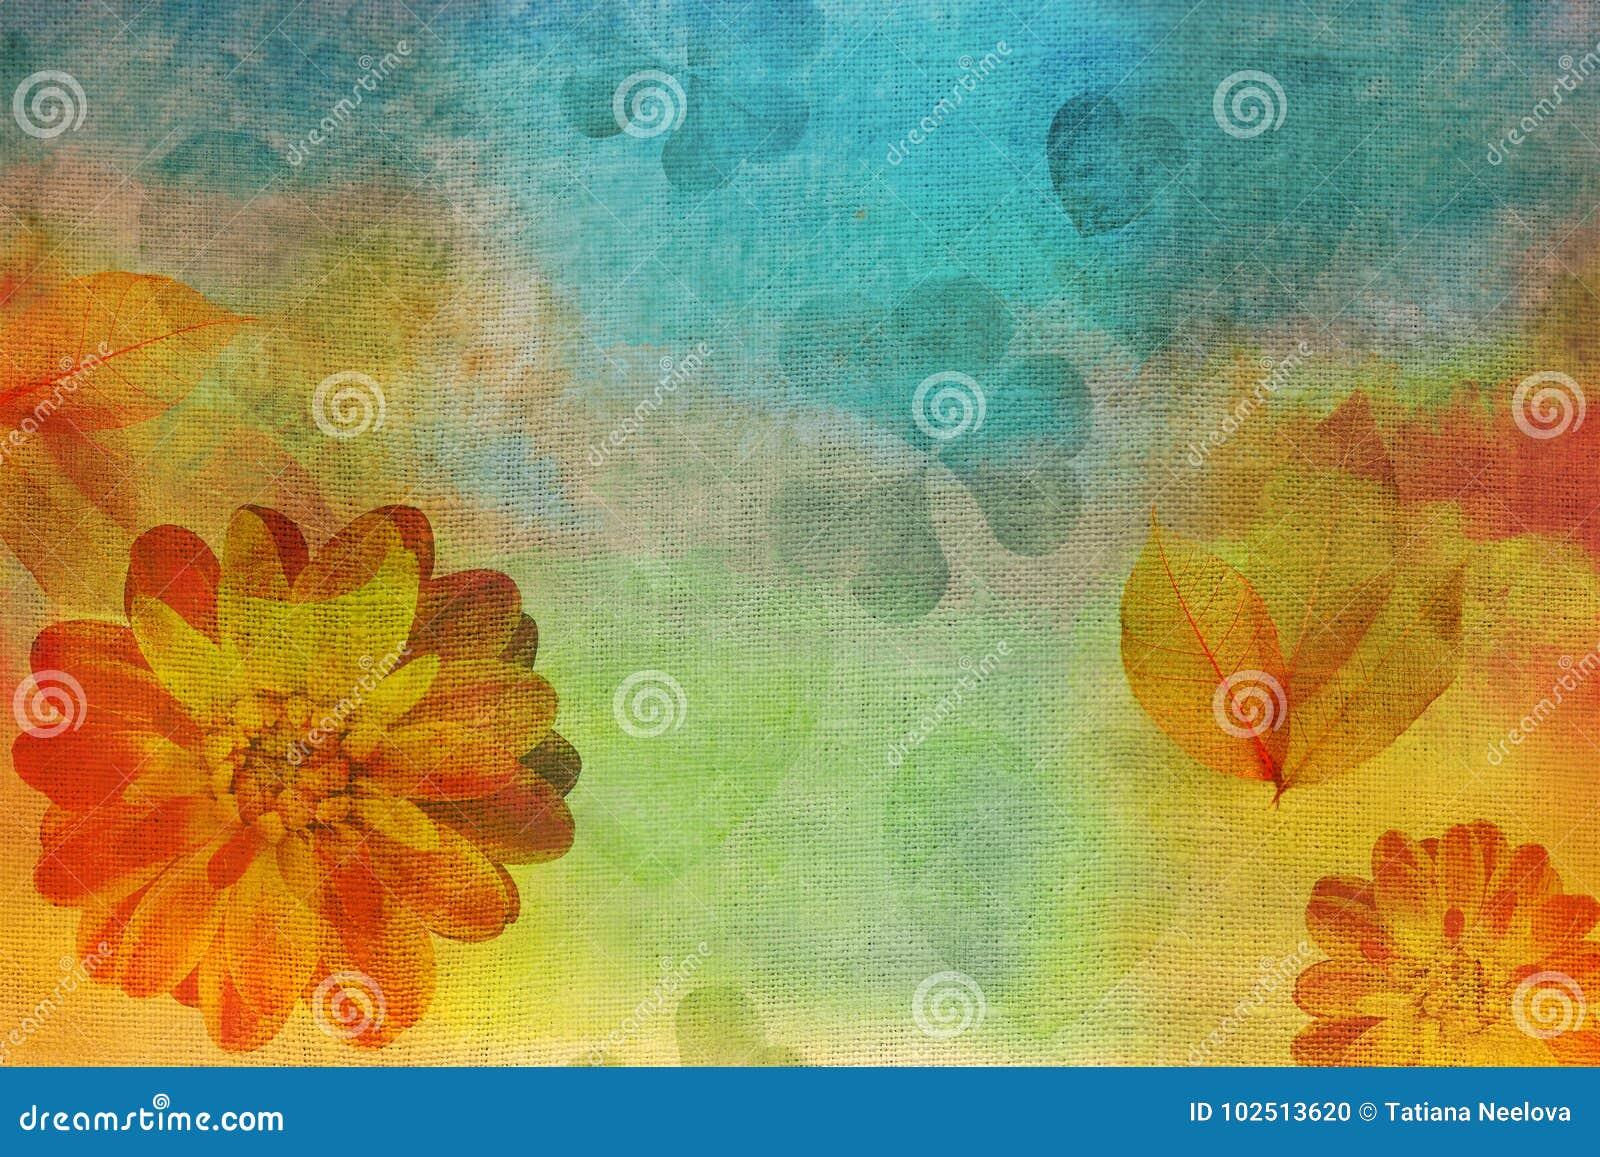 vintage oil gouache painting canvas stylization watercolor dahlias